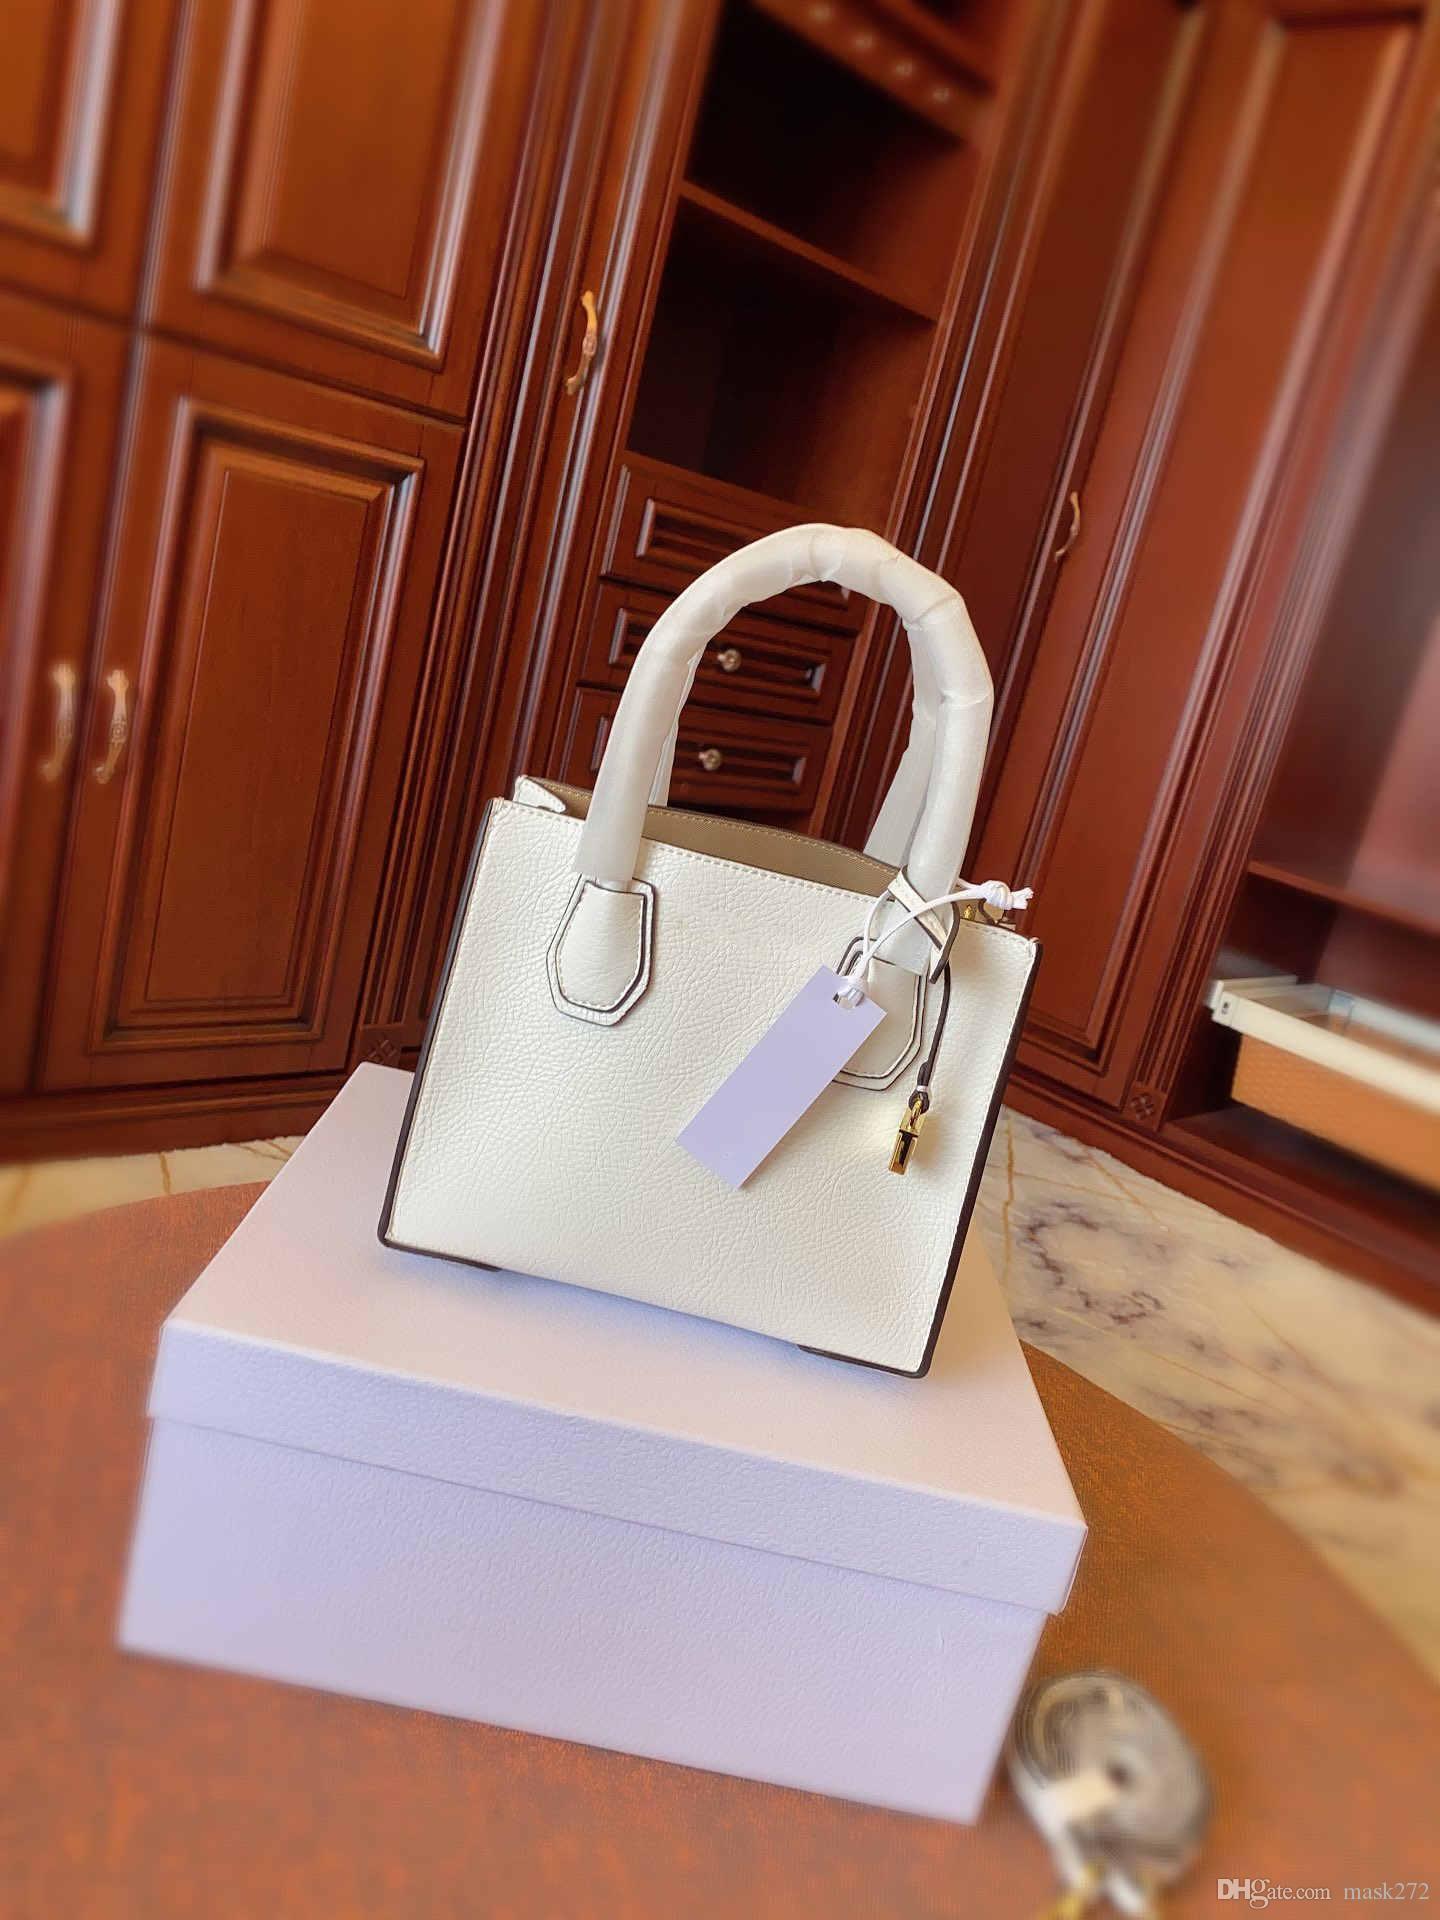 Frauen Handtaschen Berühmter Designer Tasche und Damen Taschen Hand 22 cm Brand Luxus Messenger Bags Geldbörsen Schöne Schulter Fjdus